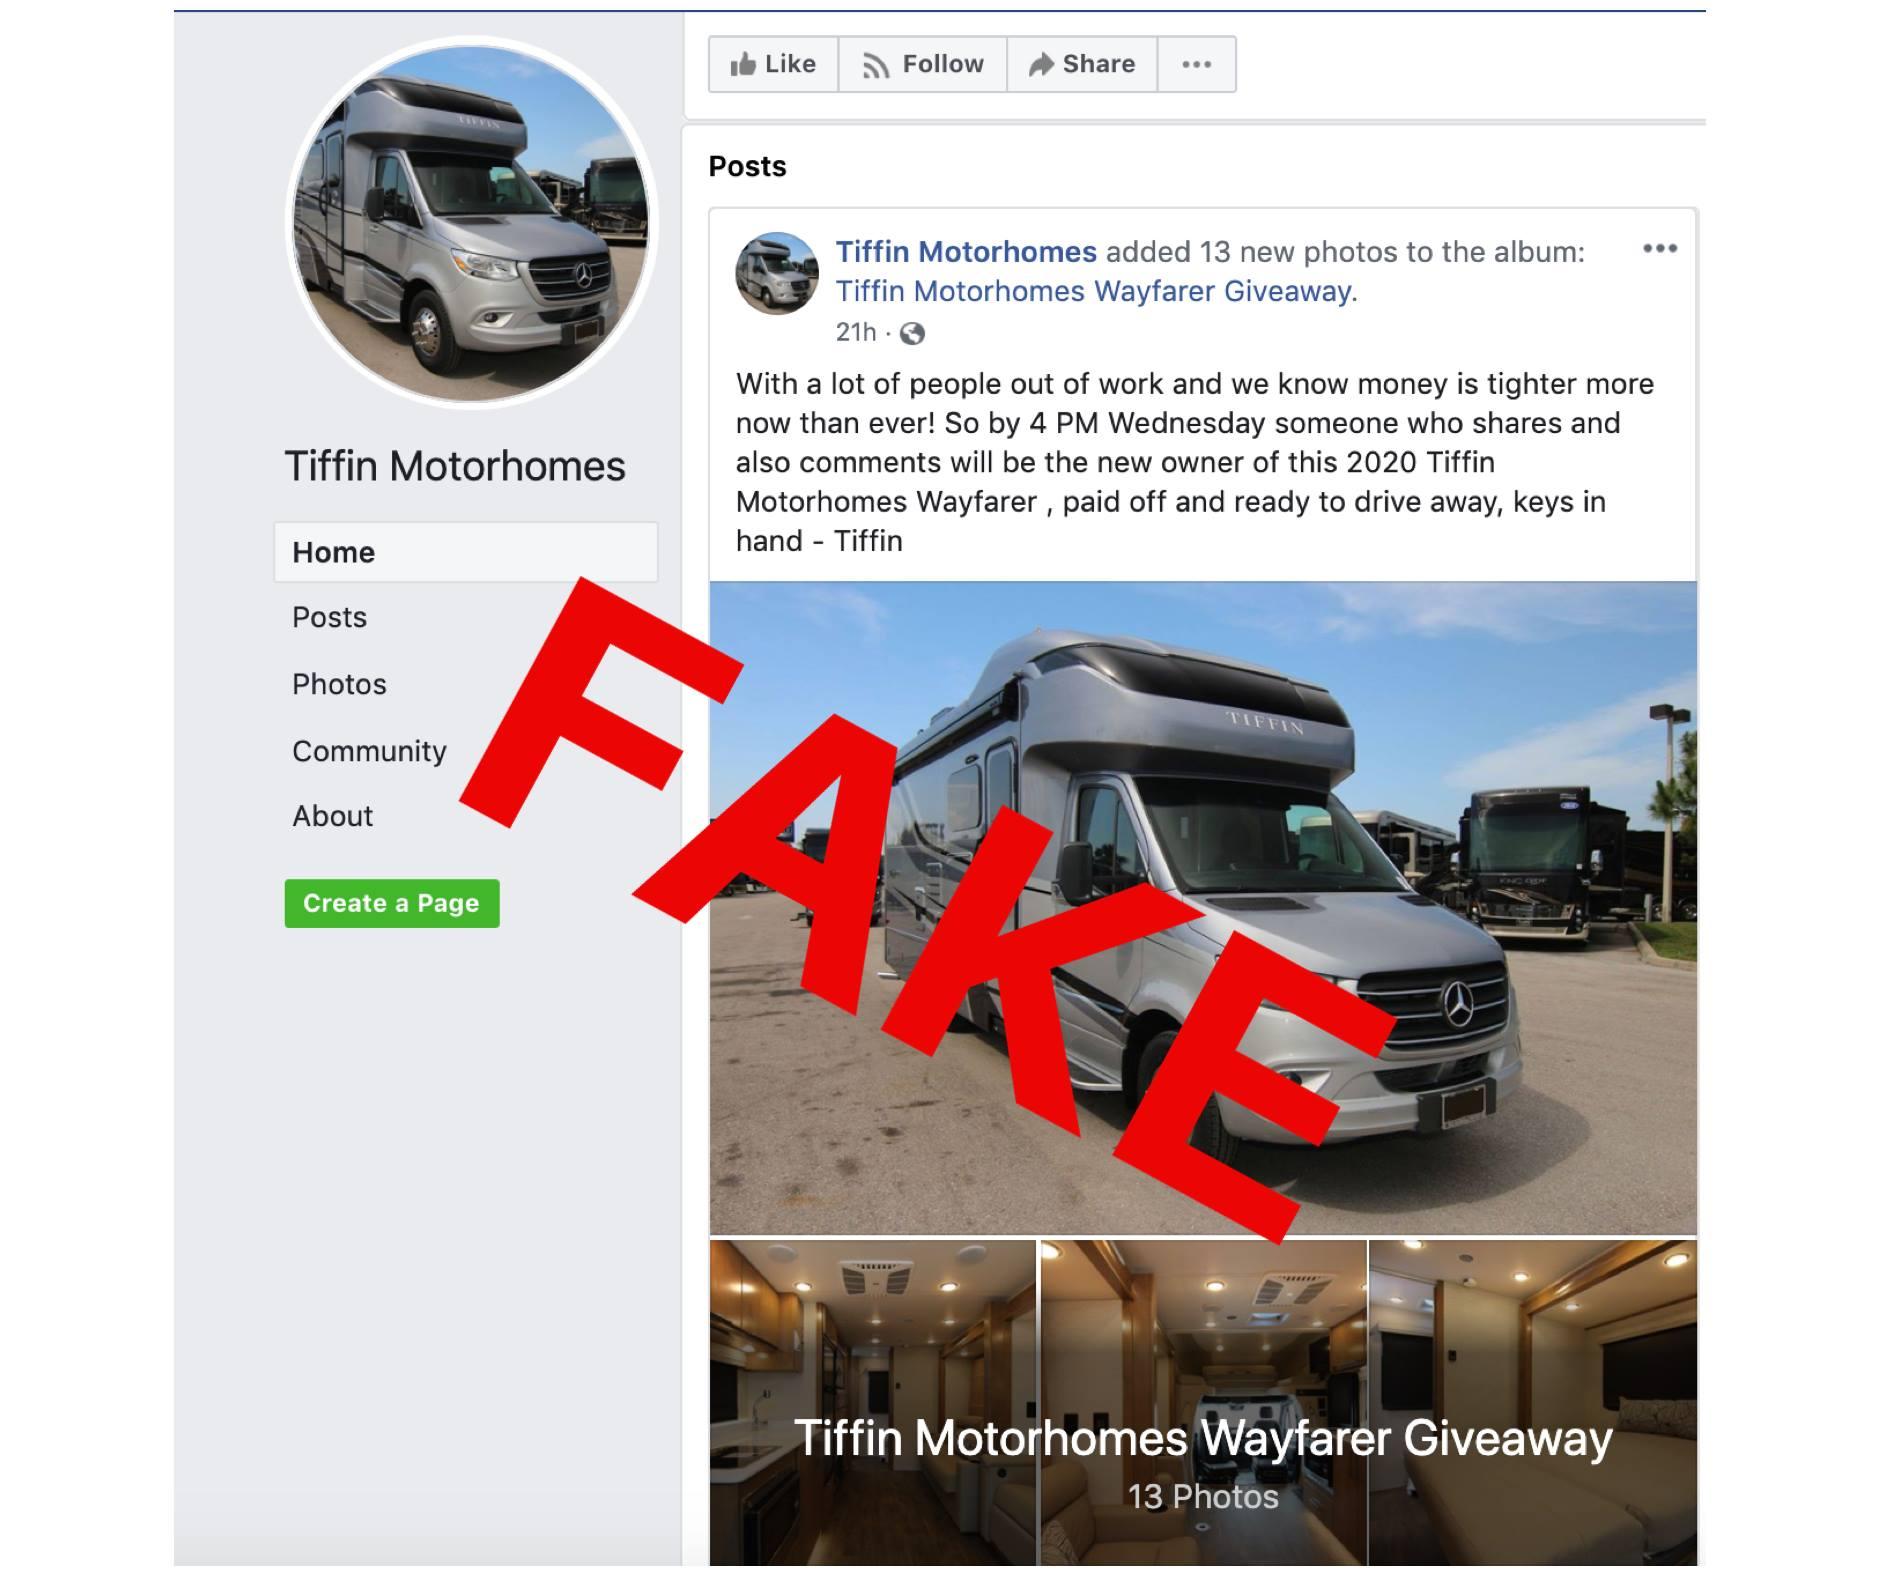 Tiffin Motorhomes Wayfarer Giveaway Scam on Facebook